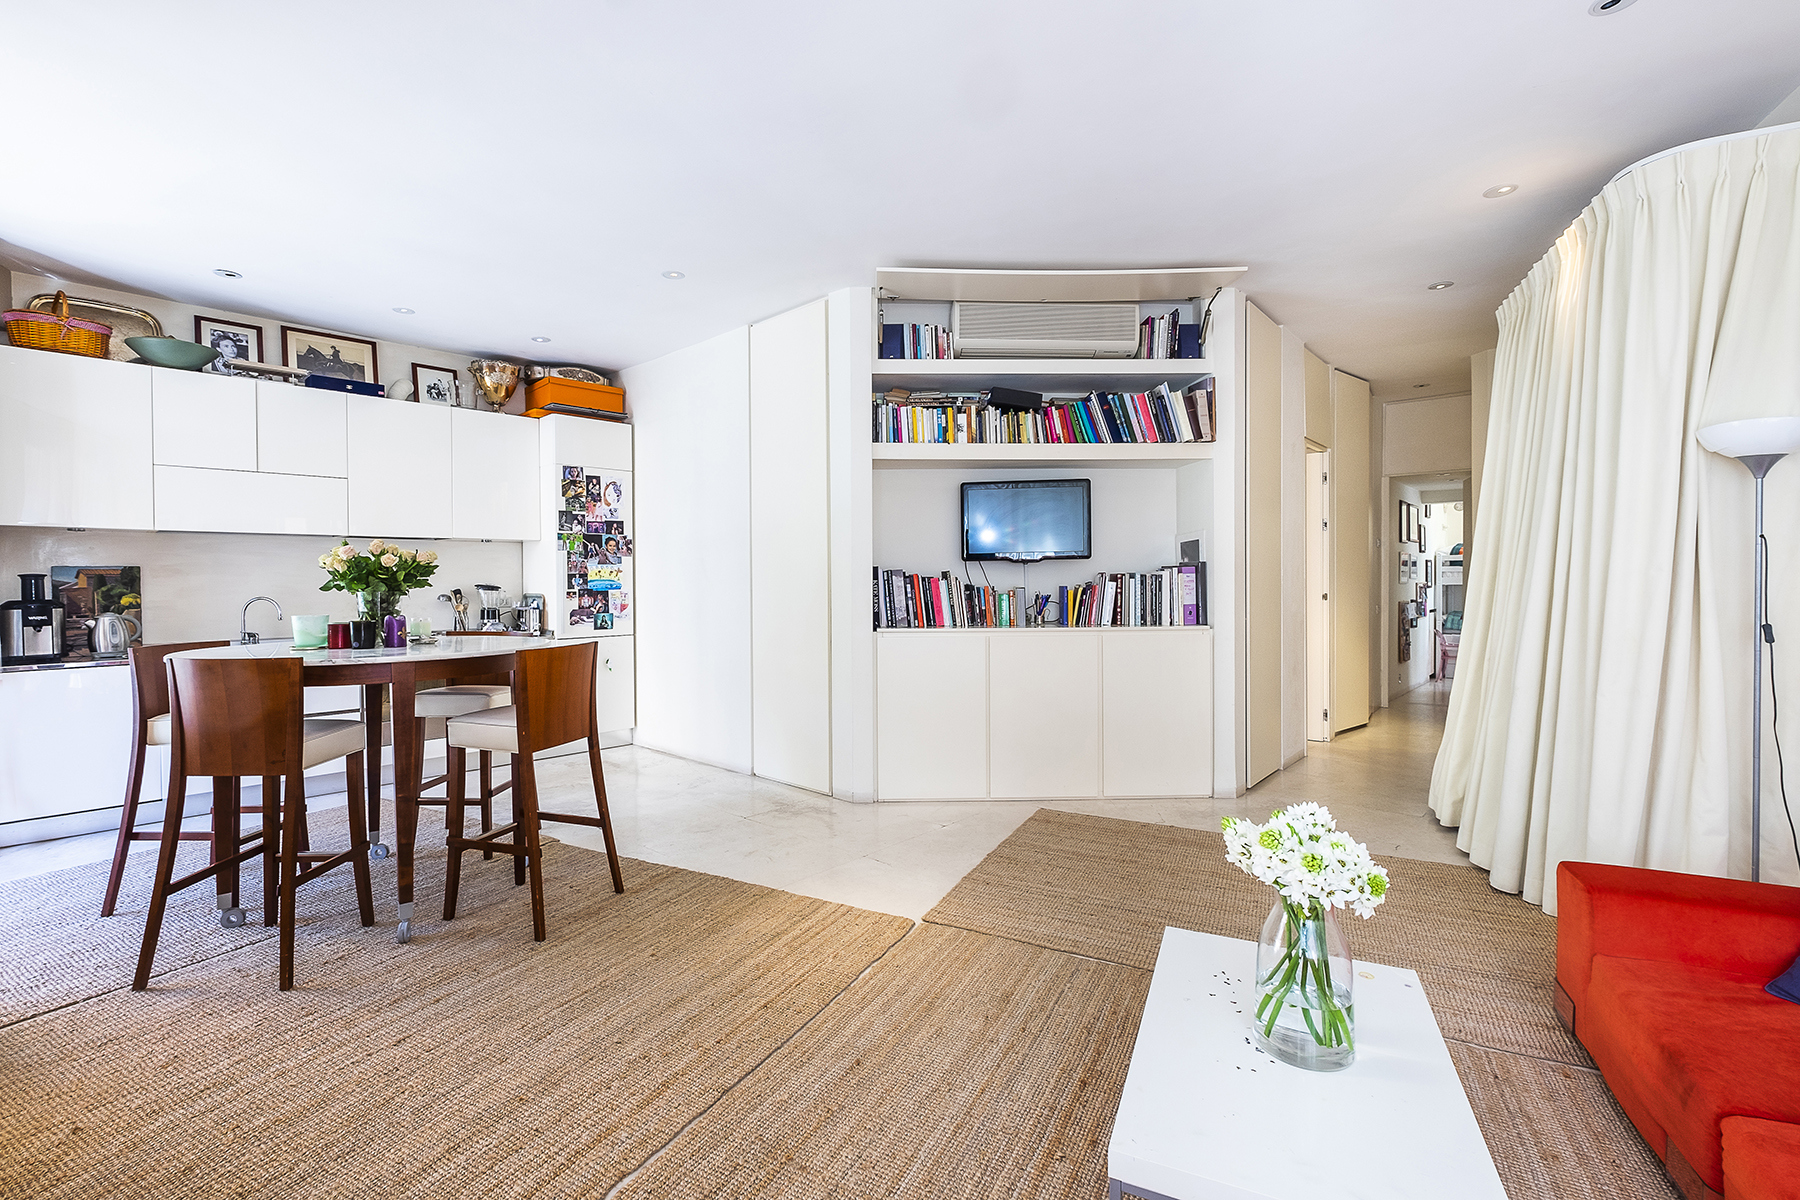 Appartamento in Vendita a Roma: 4 locali, 80 mq - Foto 11